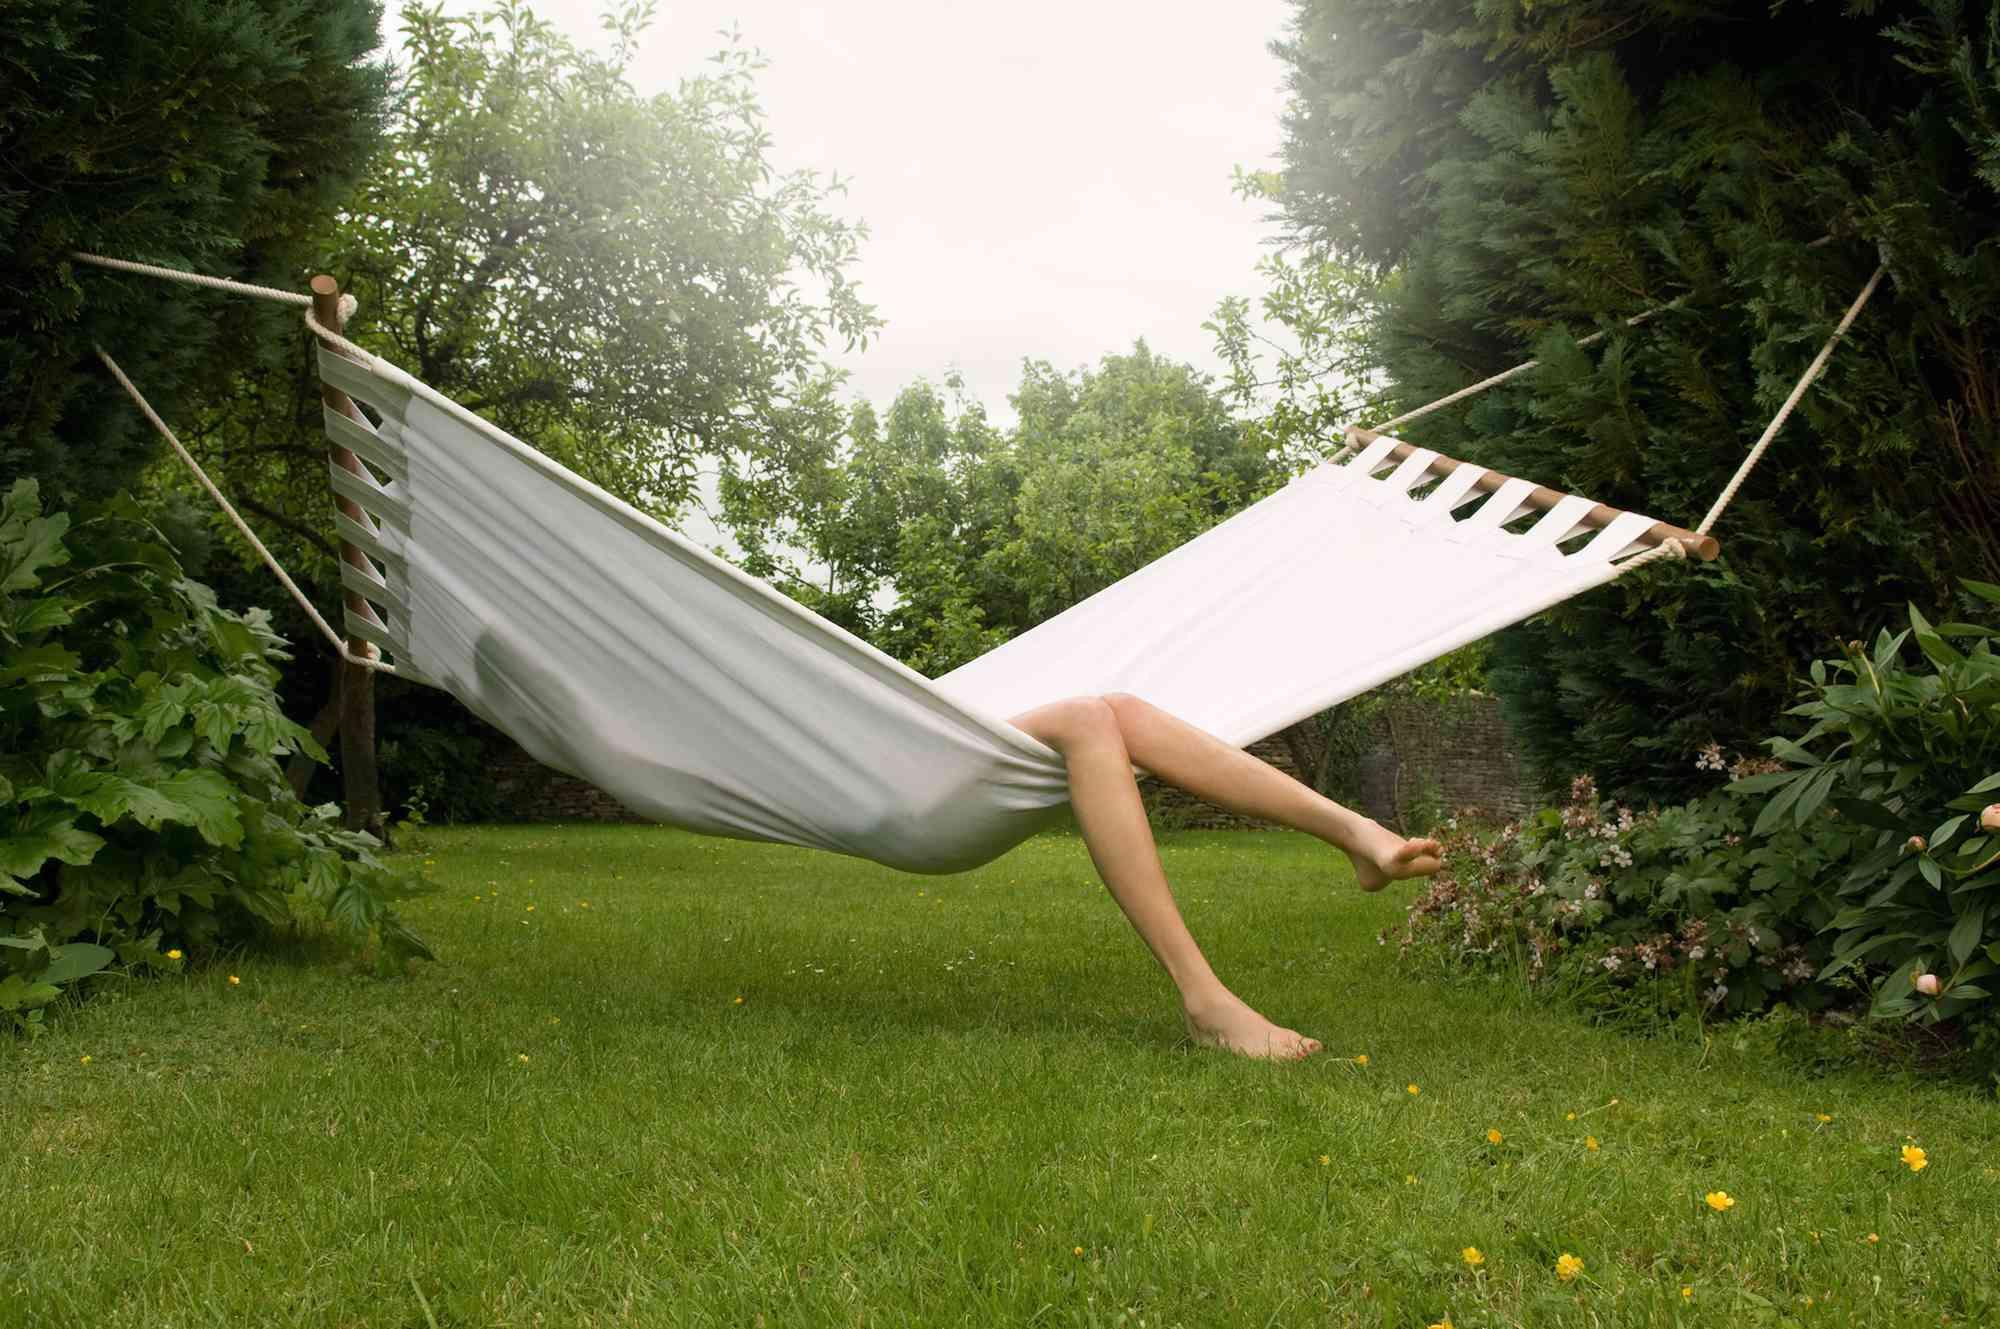 A woman sitting in a hammock